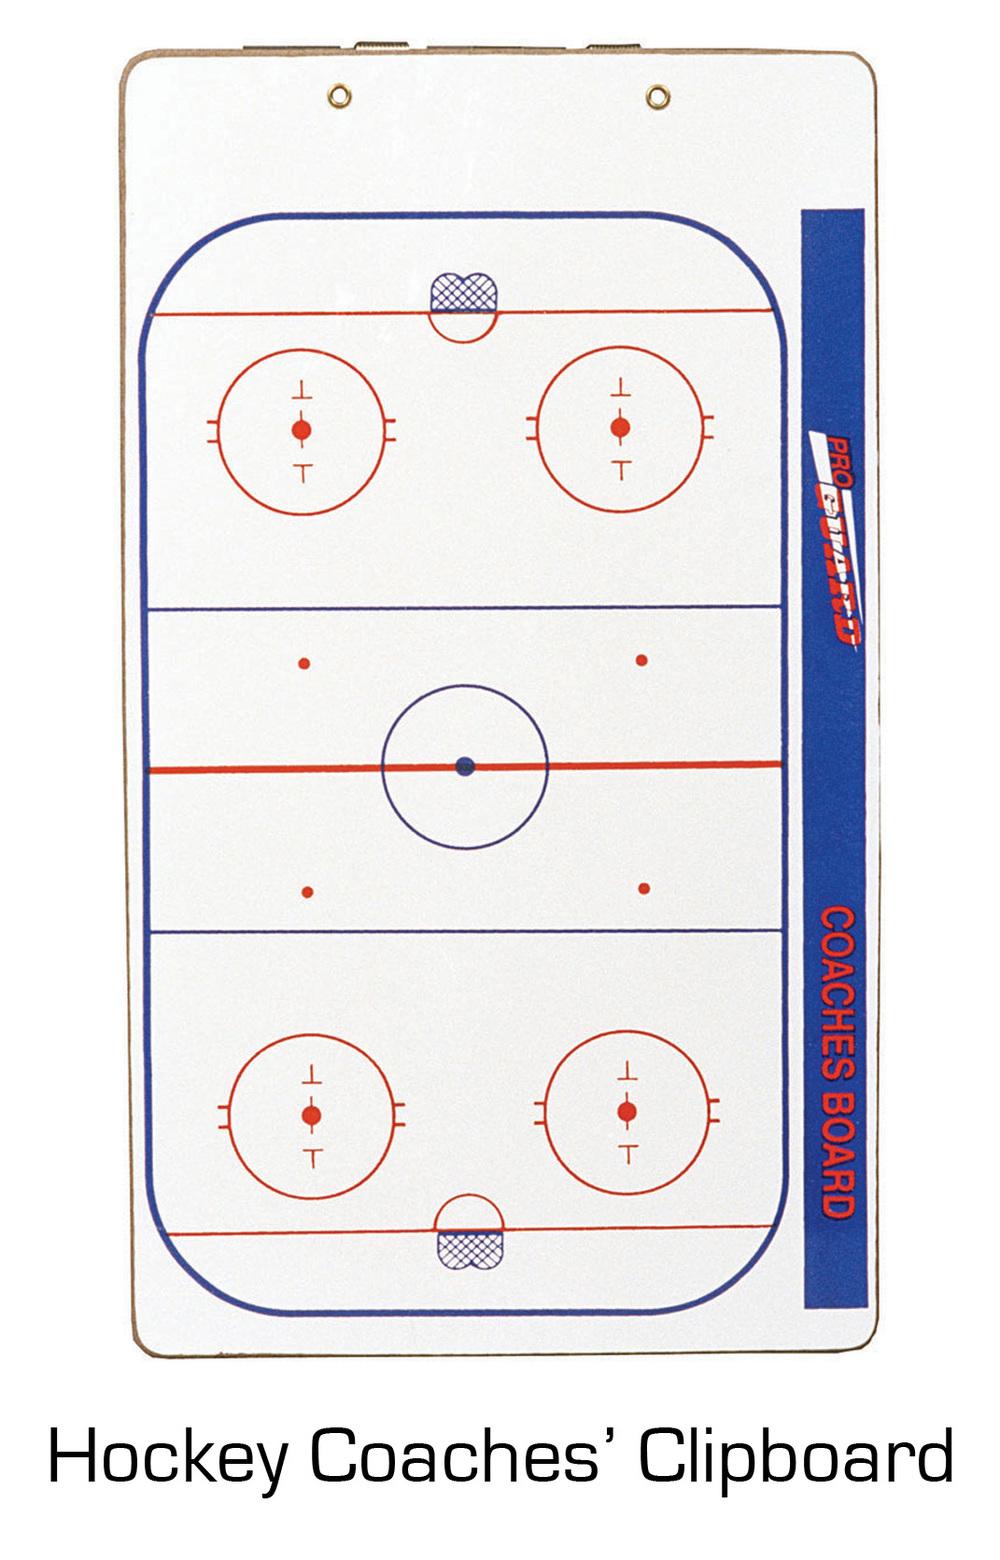 Hockey Coaches' Clipboard